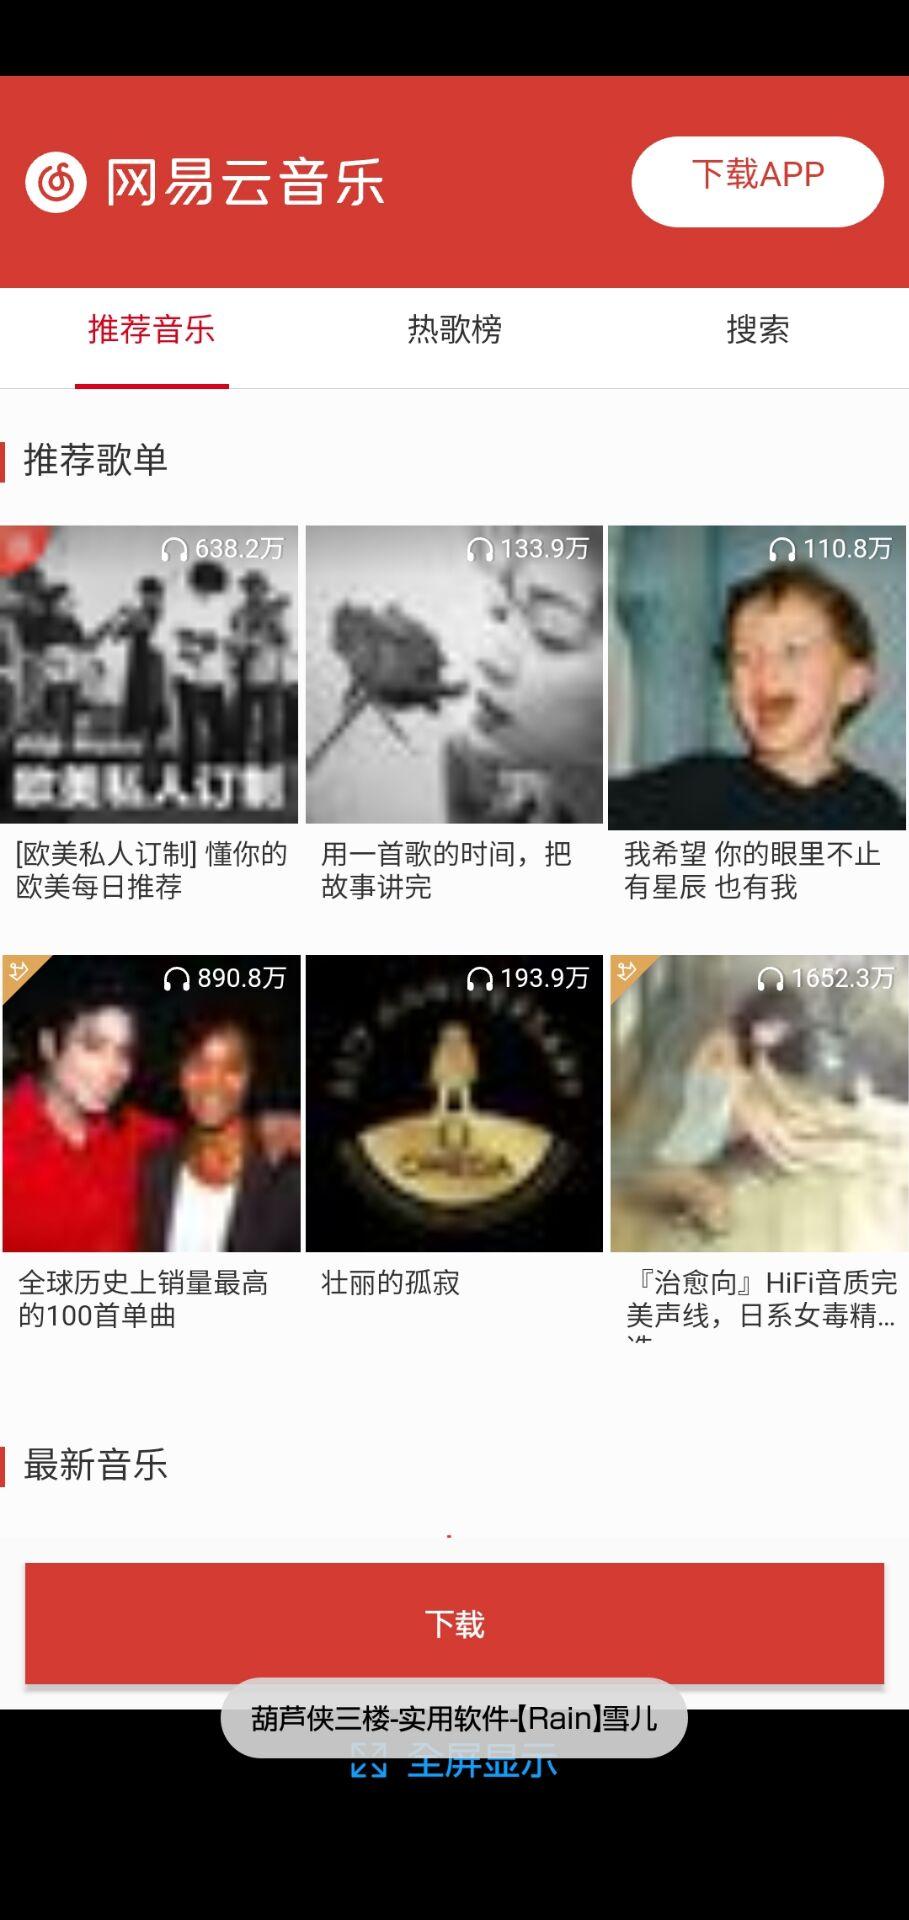 【资源分享】网易云下载器-爱小助